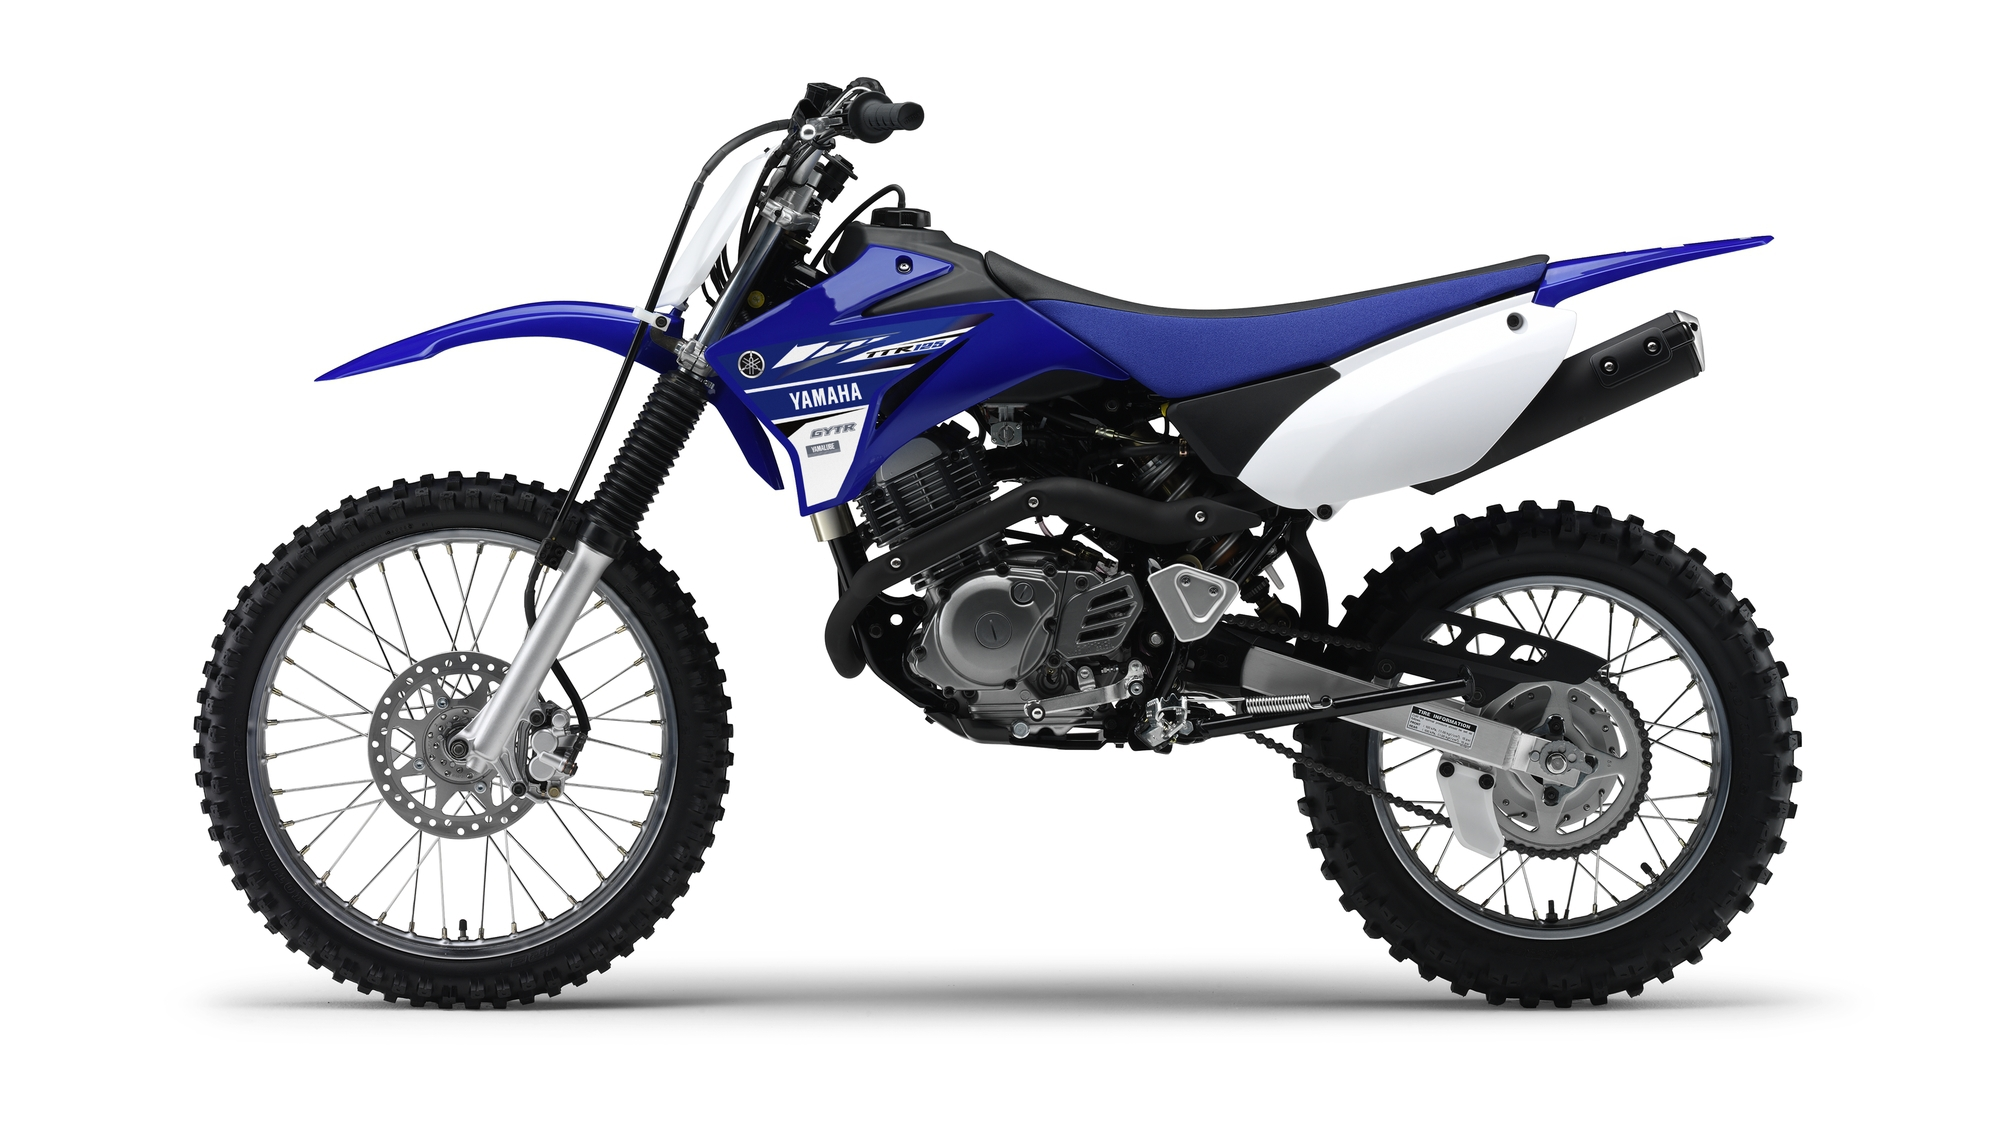 Yamaha-ttr-125-2017 Tarifs,dispos,photos,coloris,accessoires